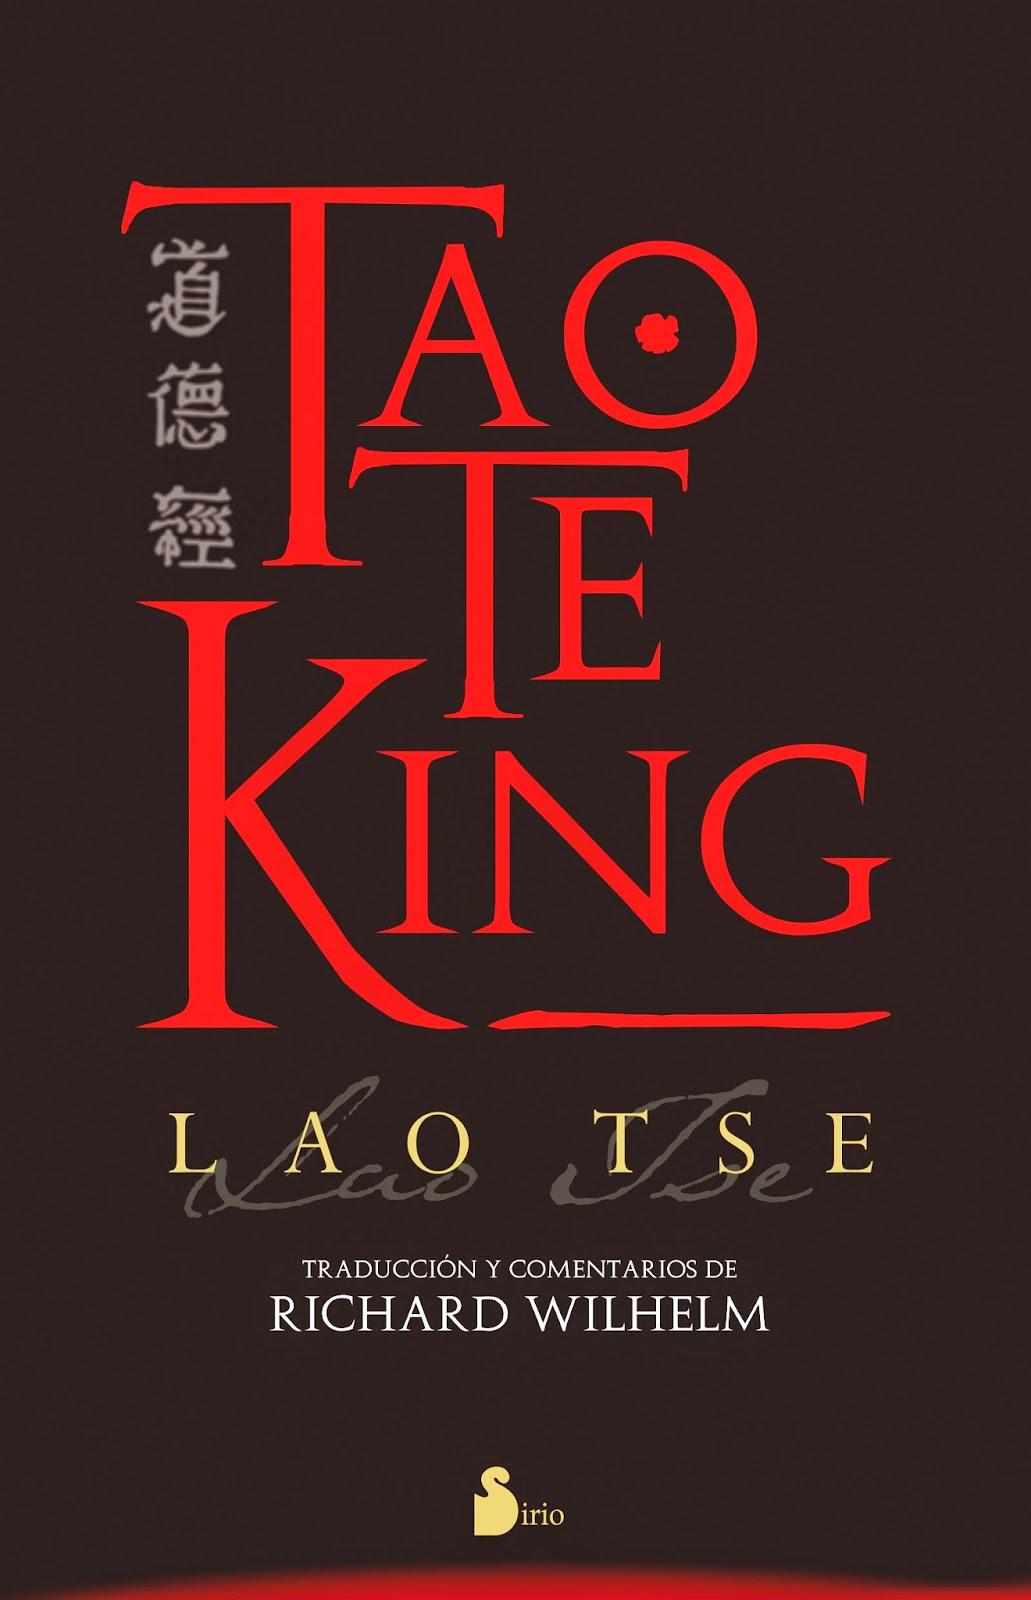 Lao-Tsé - Tao Te King, versión de Richard Wilhelm